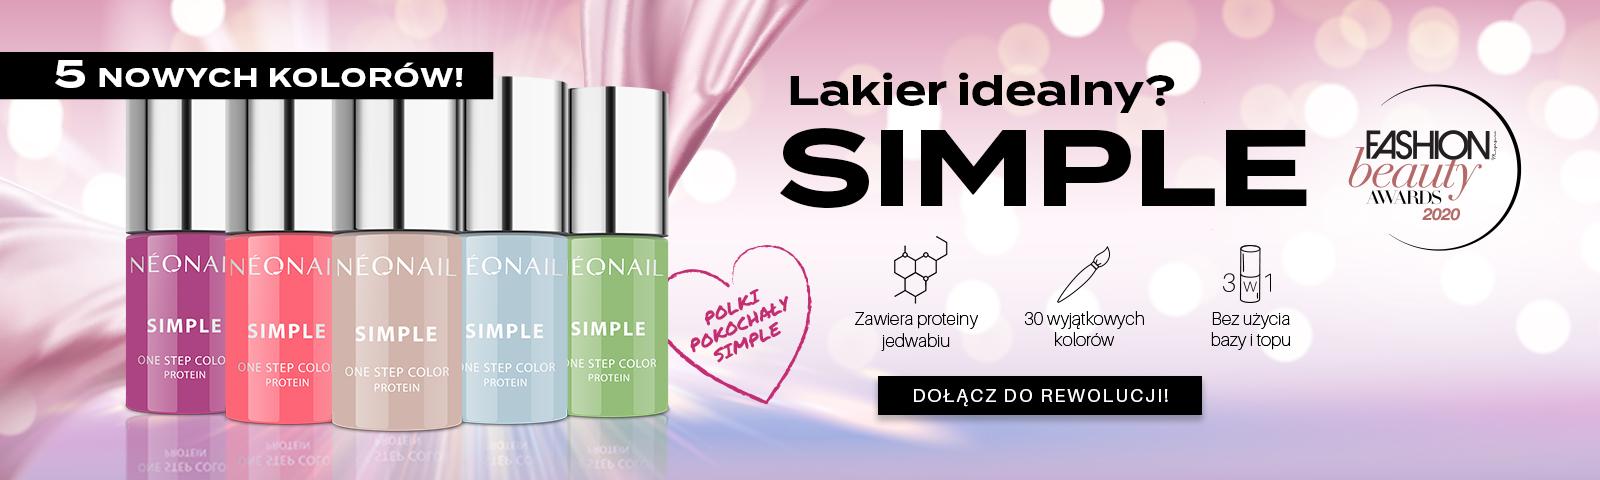 Lakiery Simple V tura Postaw na łatwy i szybki manicure hybrydowy!  SIMPLE